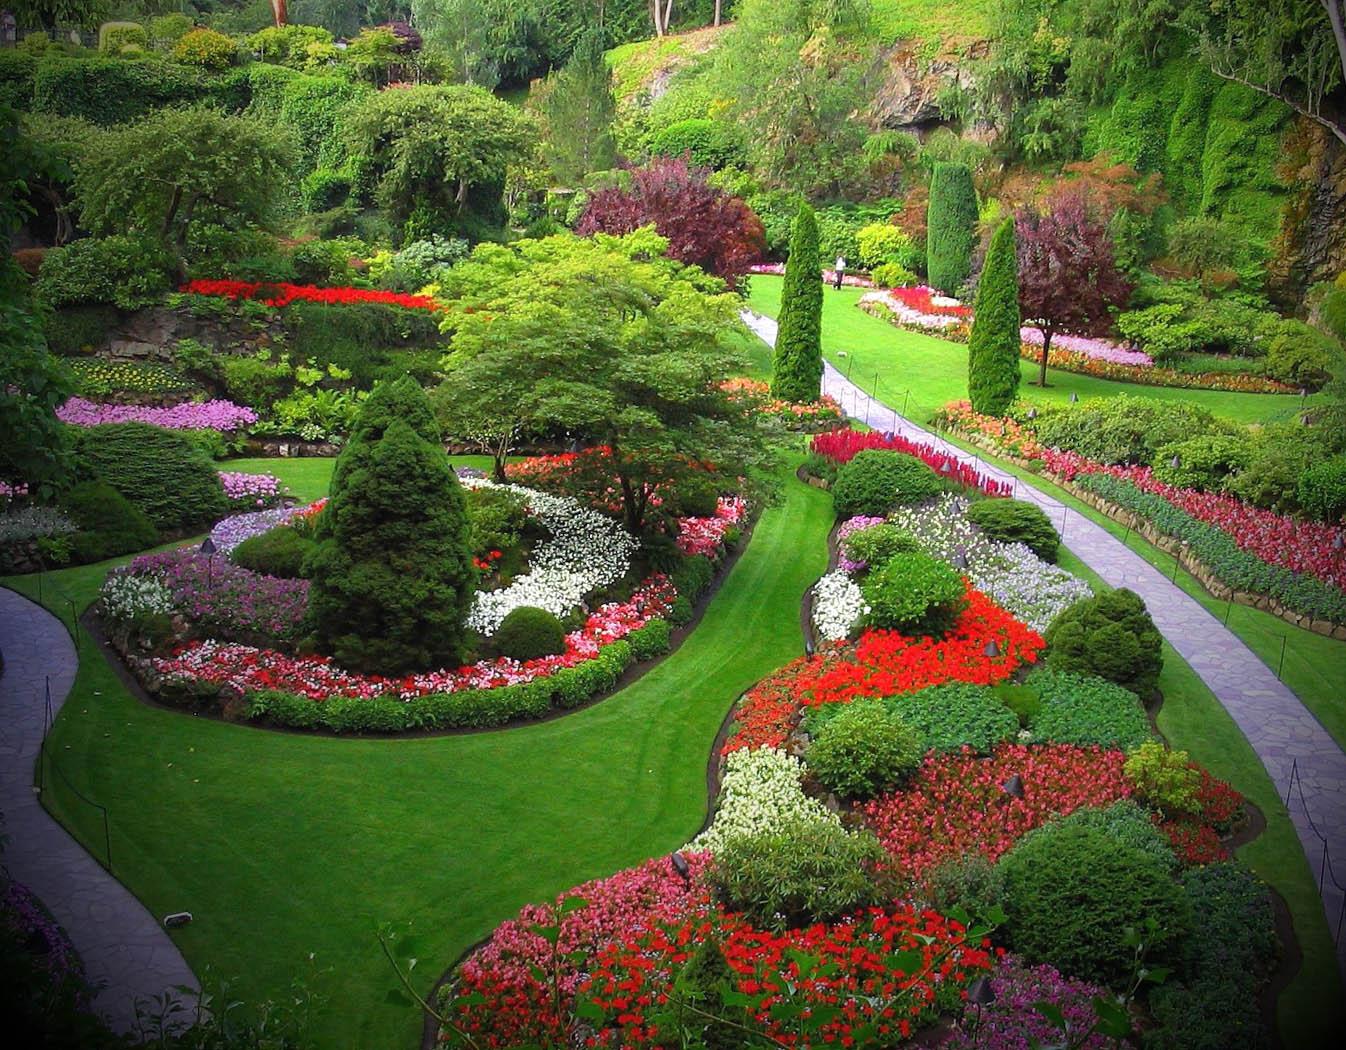 Imagens de Jardins Decorados -> Decoração De Jardins Pequenos Com Flores